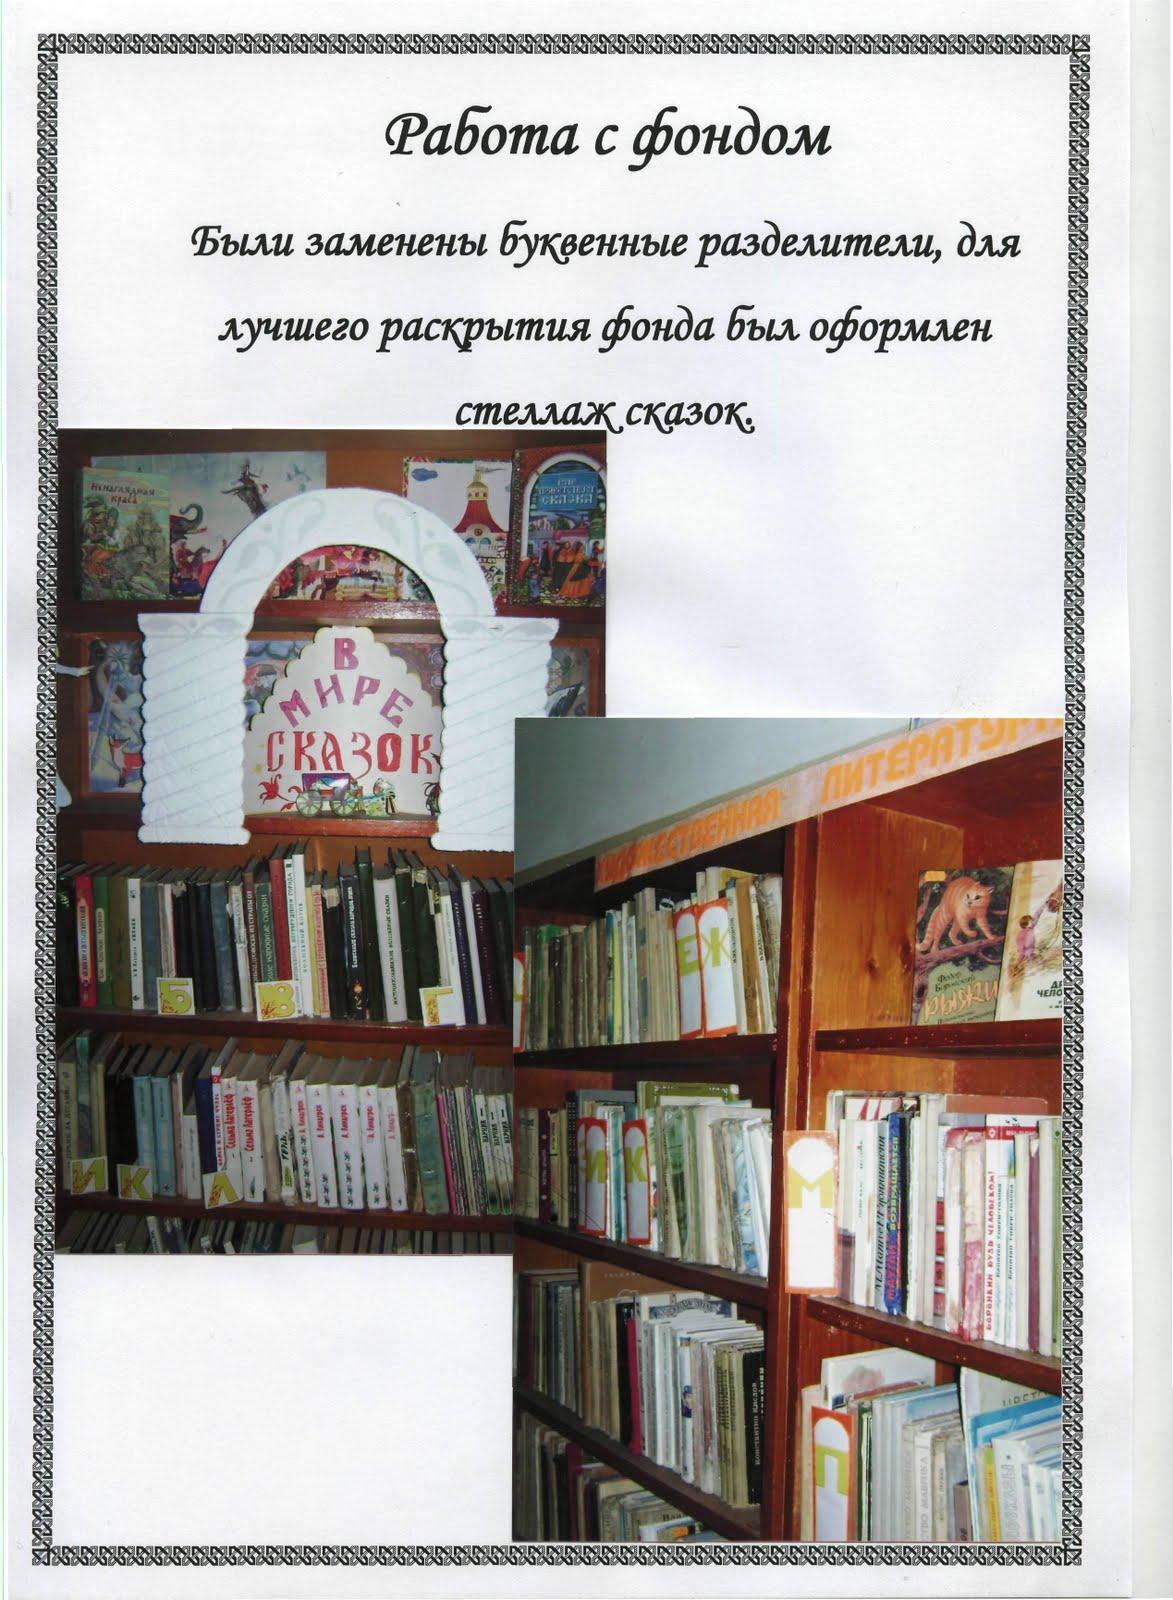 Скачать бесплатно шаблон портфолио школьного библиотекаря